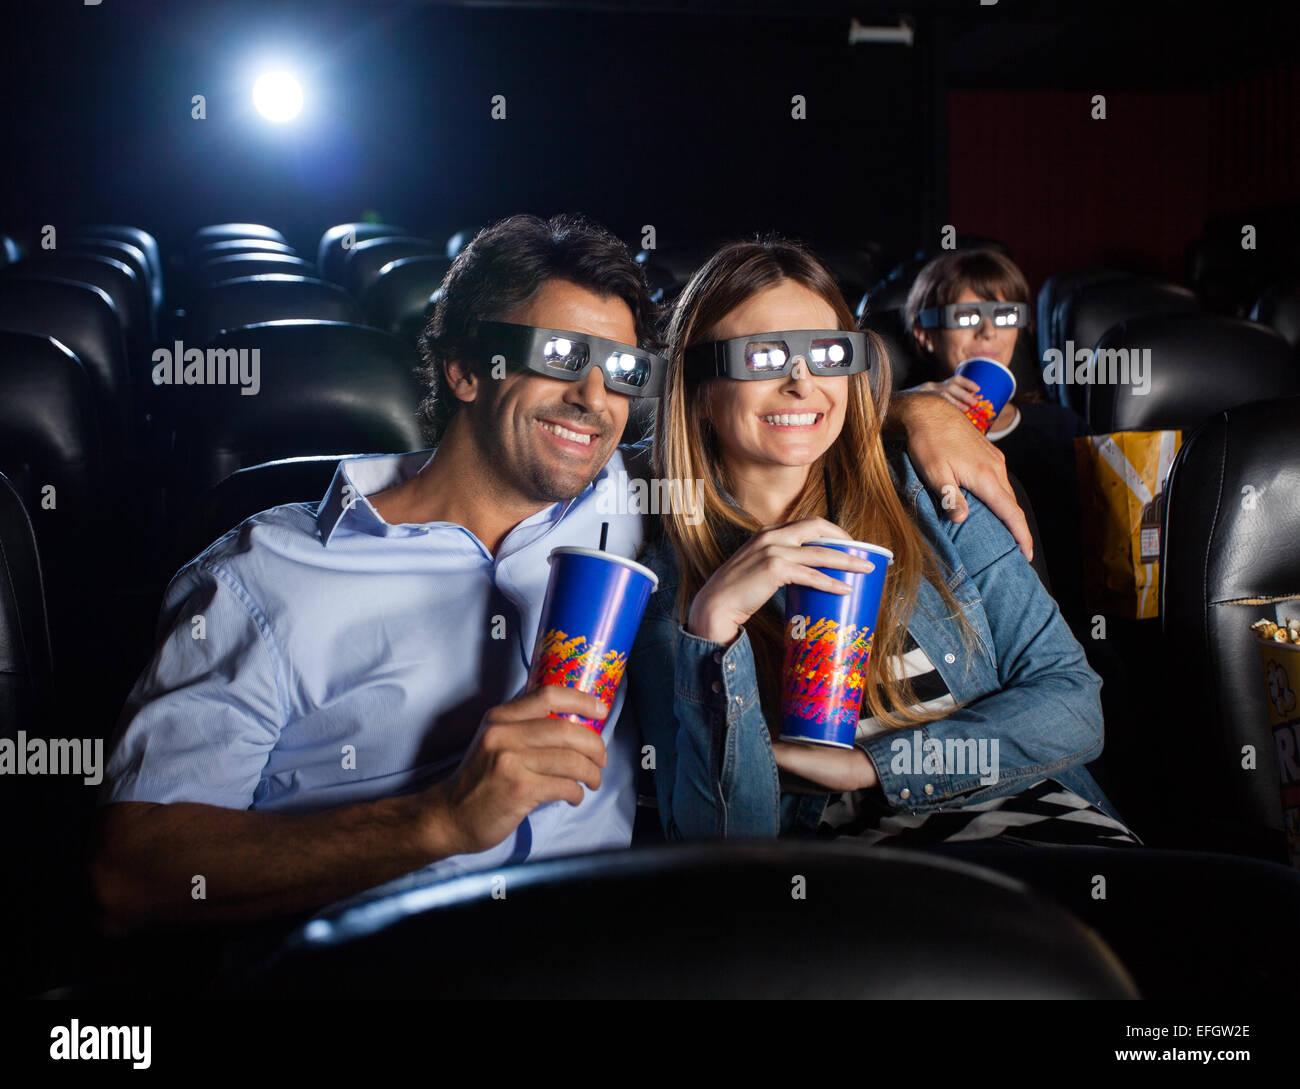 Glückliches Paar 3D Film im Theater Stockbild